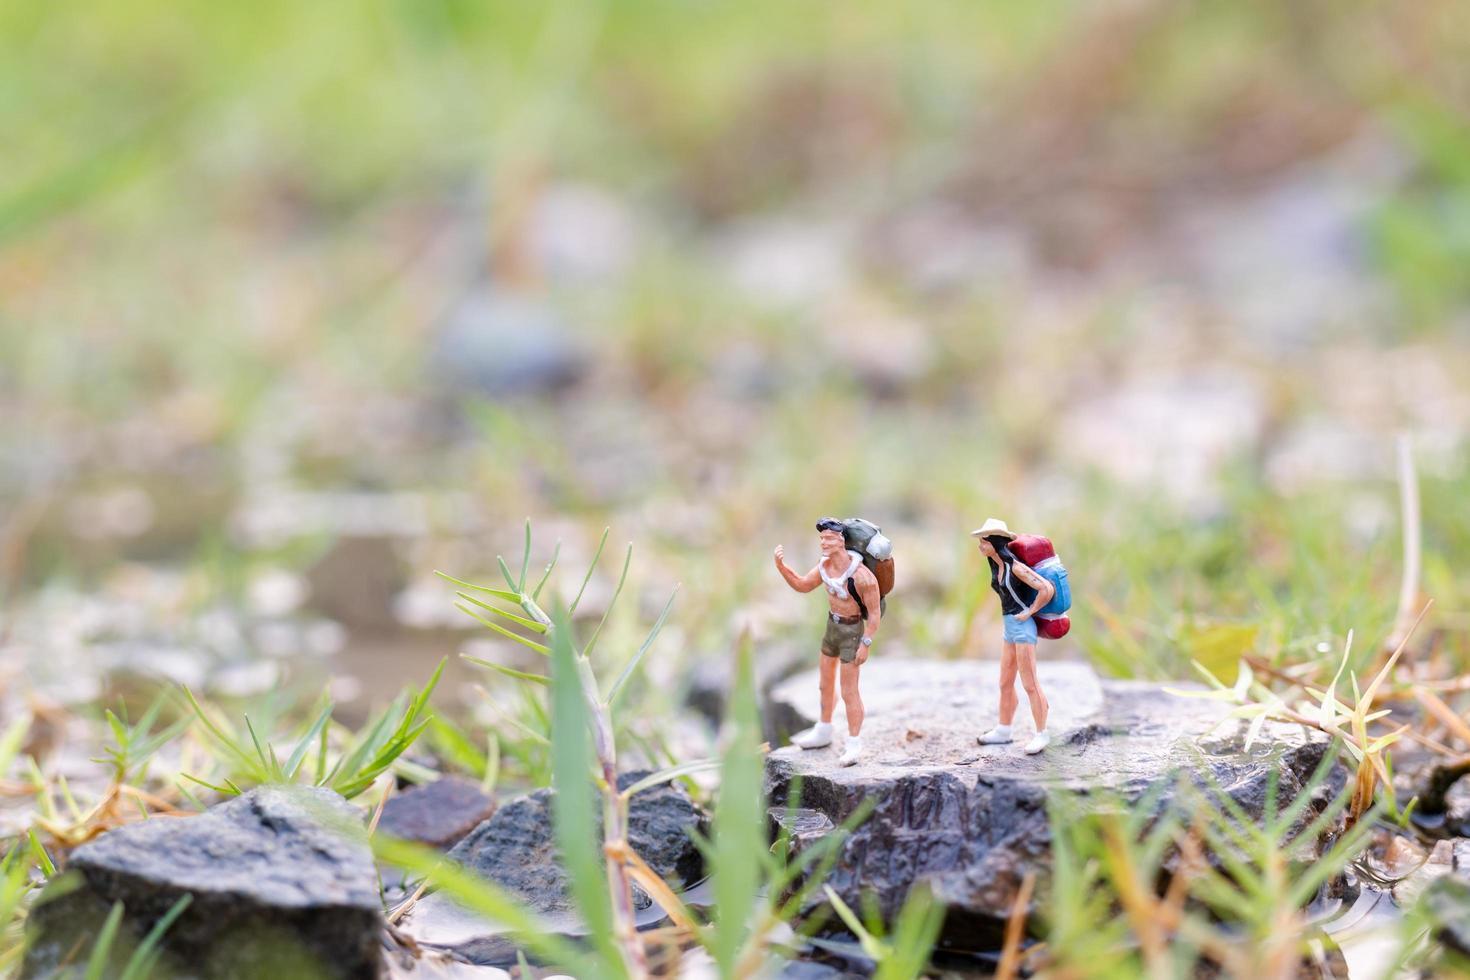 miniatuurreiziger met rugzakken die in het veld-, reis- en avontuurconcept lopen foto